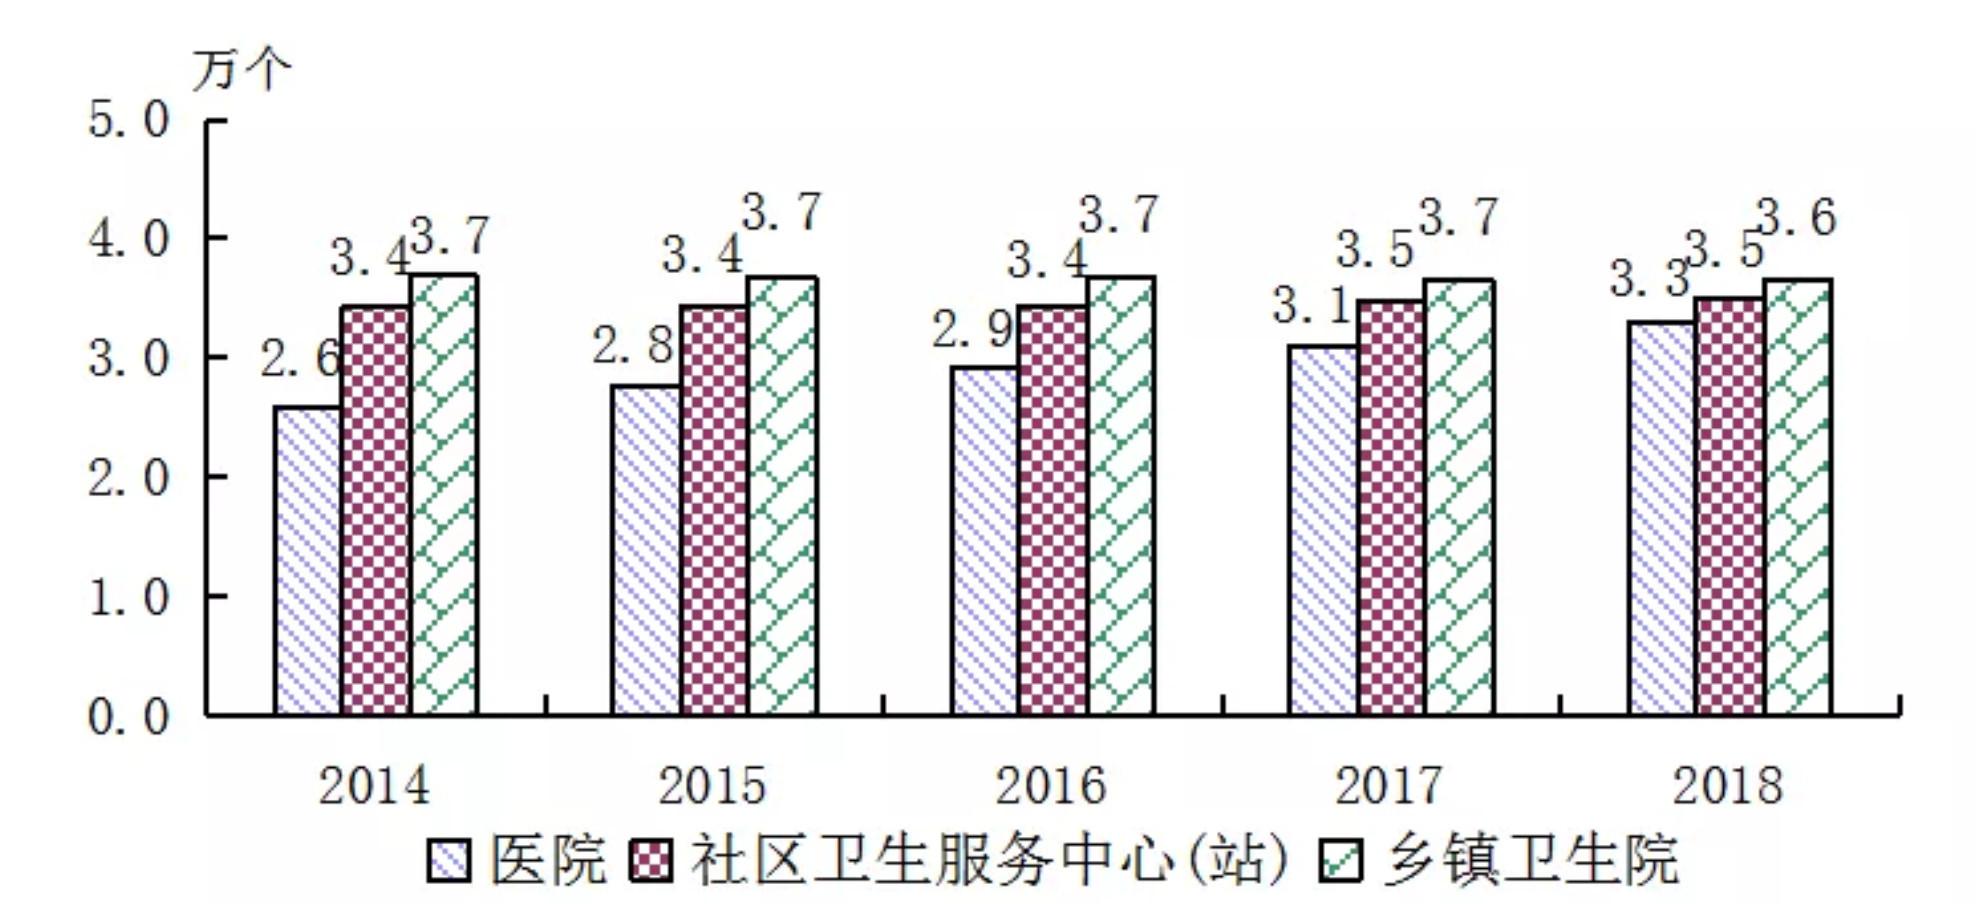 图02:全国医疗卫生机构数量来源:《2018年我国卫生健康事业发展统计公报》